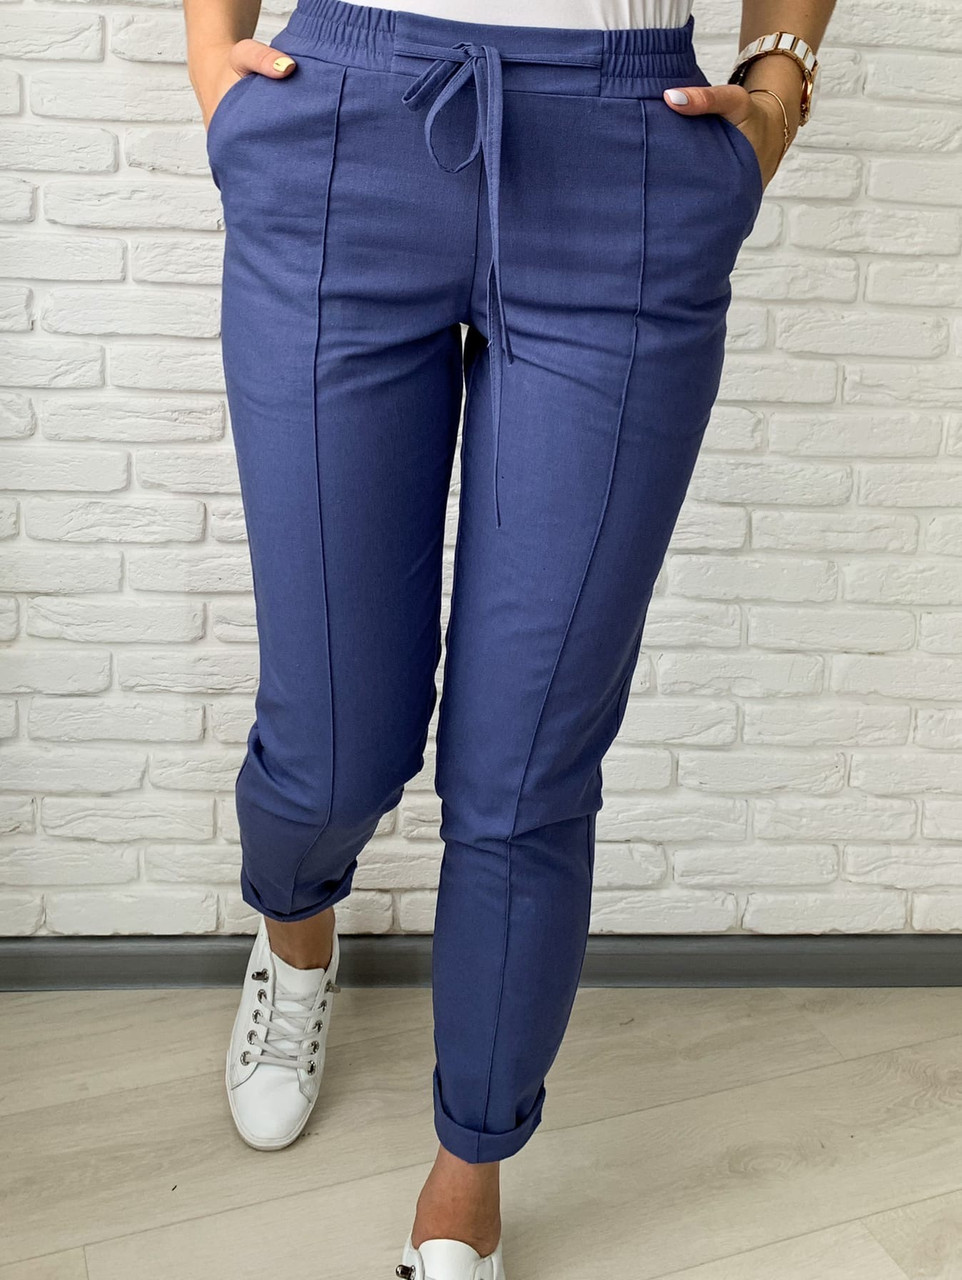 Женские брюки льняные,брюки женские,штаны женские